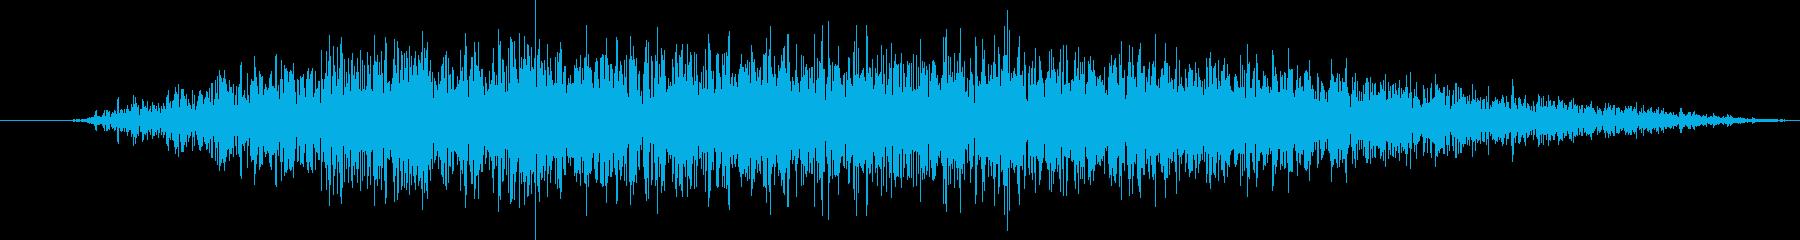 火炎放射器:ショートバースト、火炎放射器の再生済みの波形